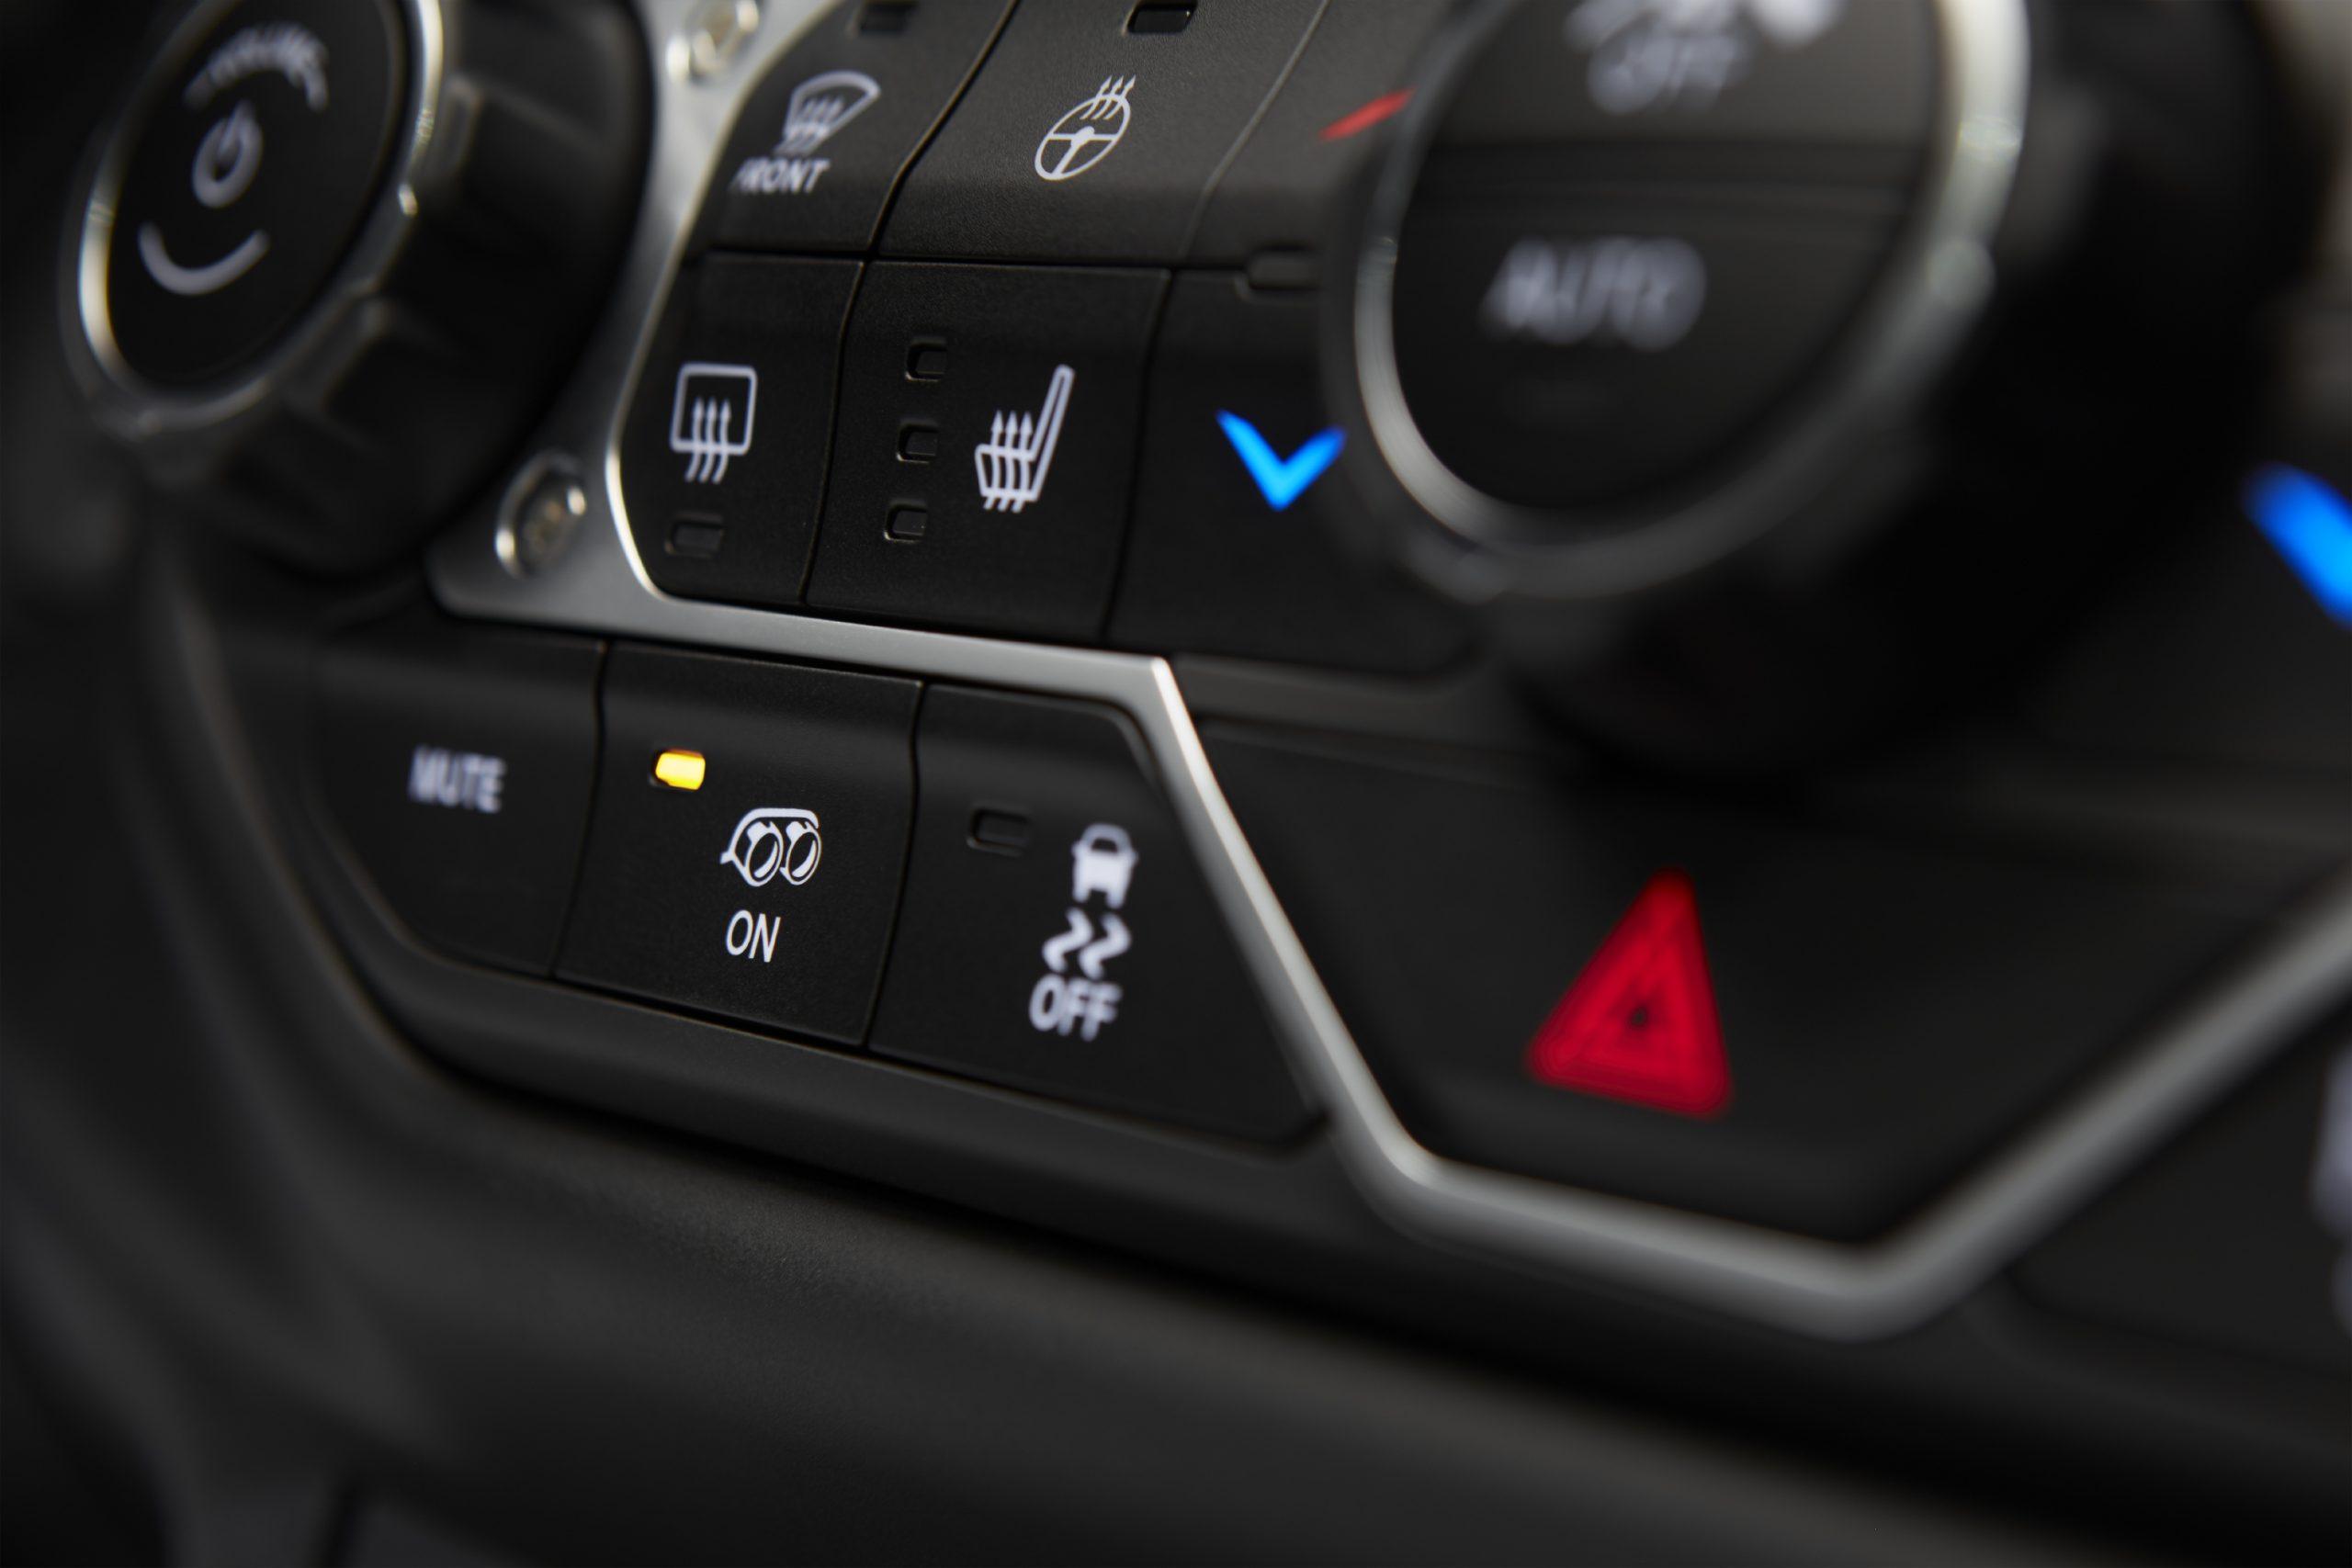 2021 Jeep Wrangler Rubicon 392 dual-mode exhaust